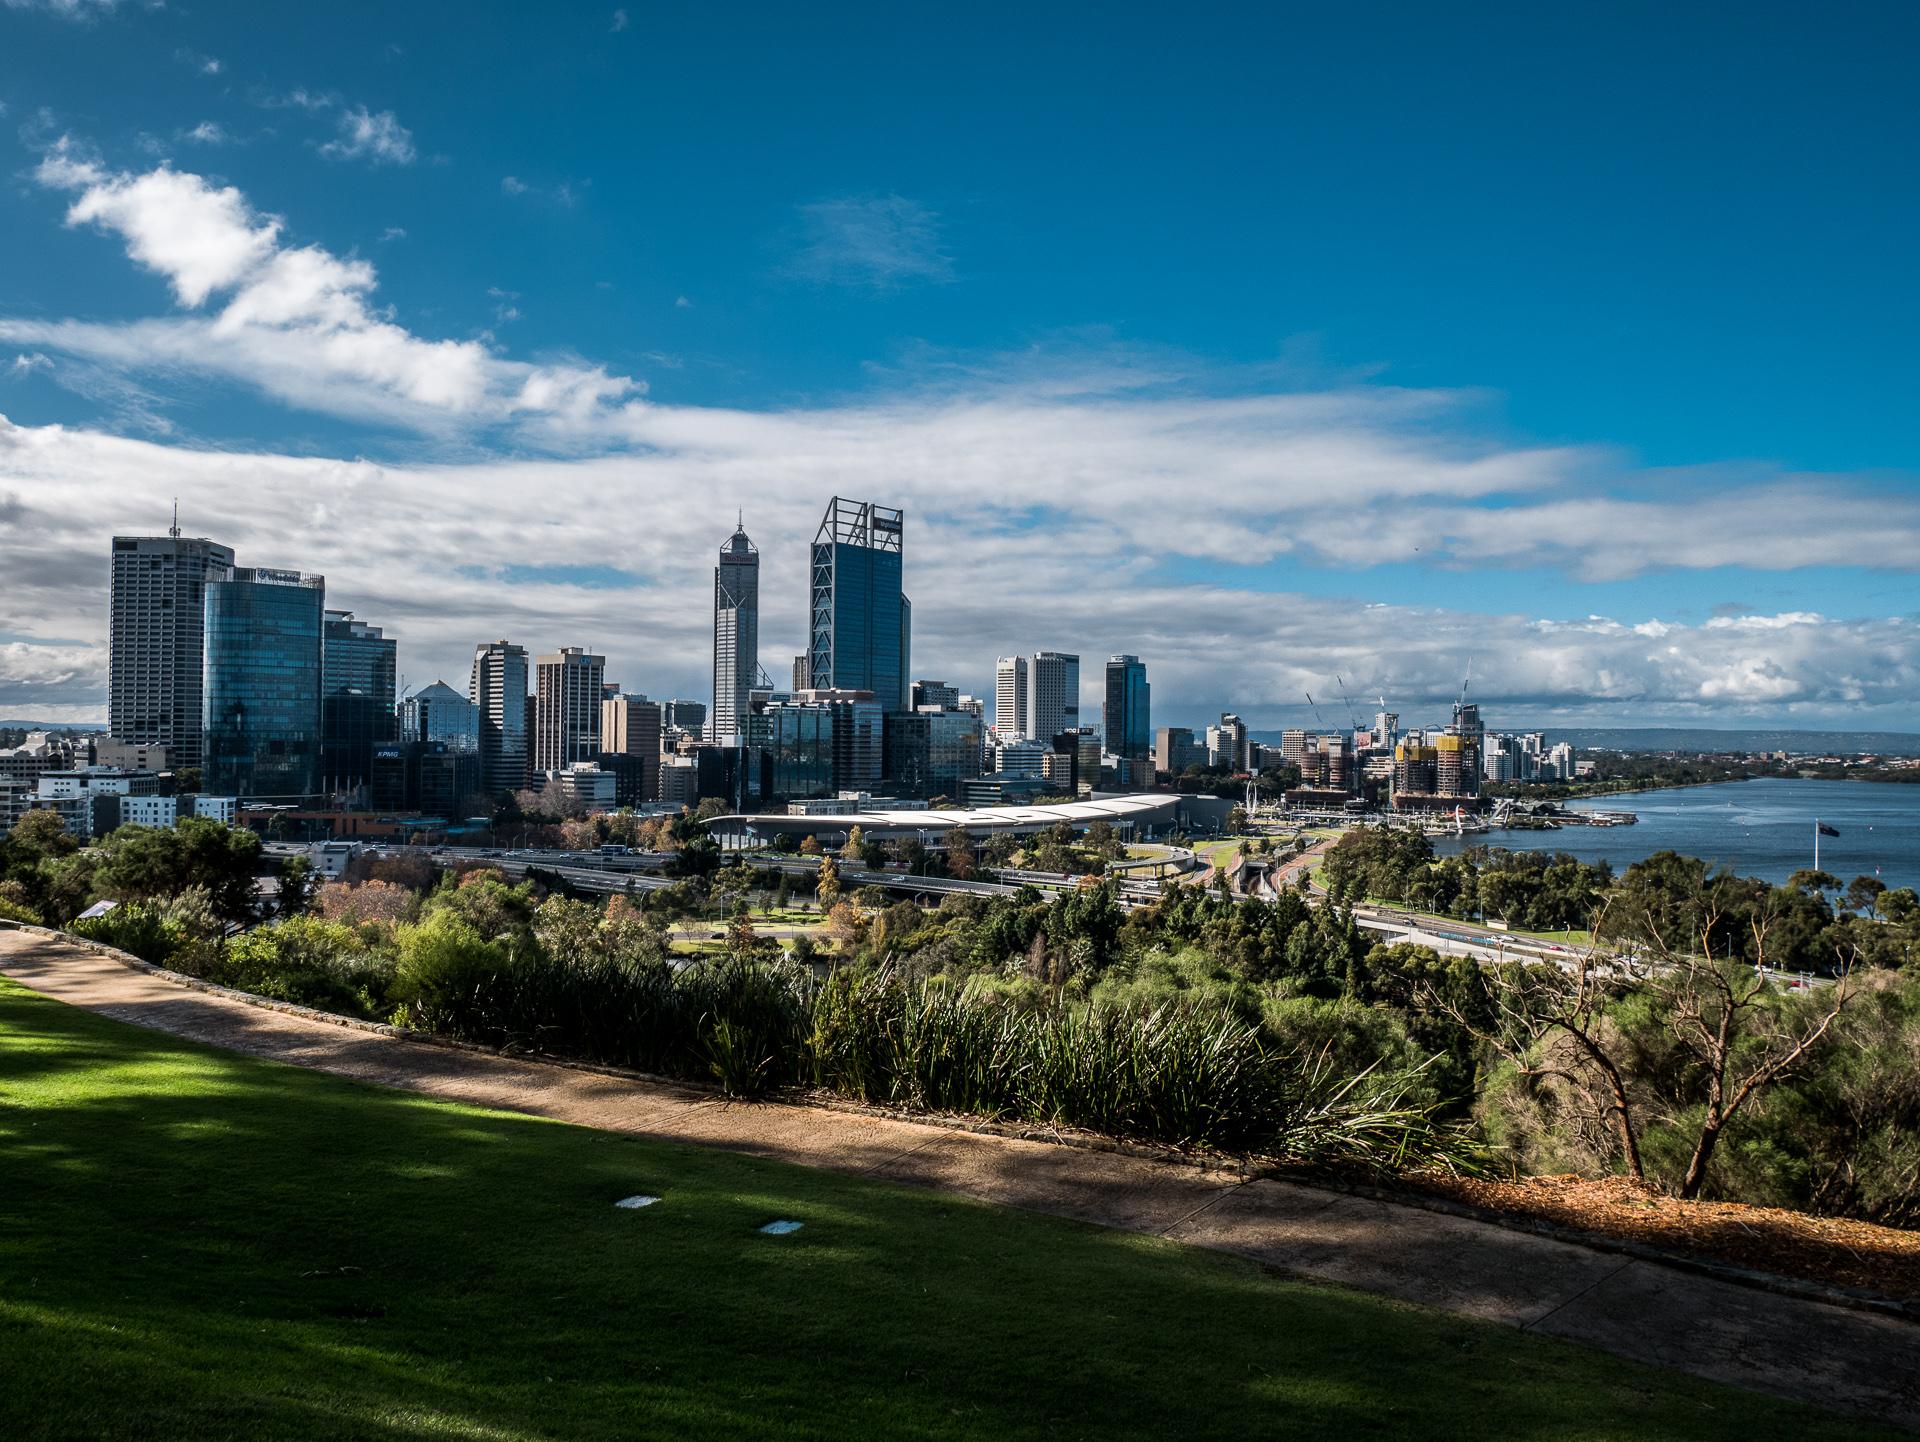 Die Skyline von Perth ist beeindruckend